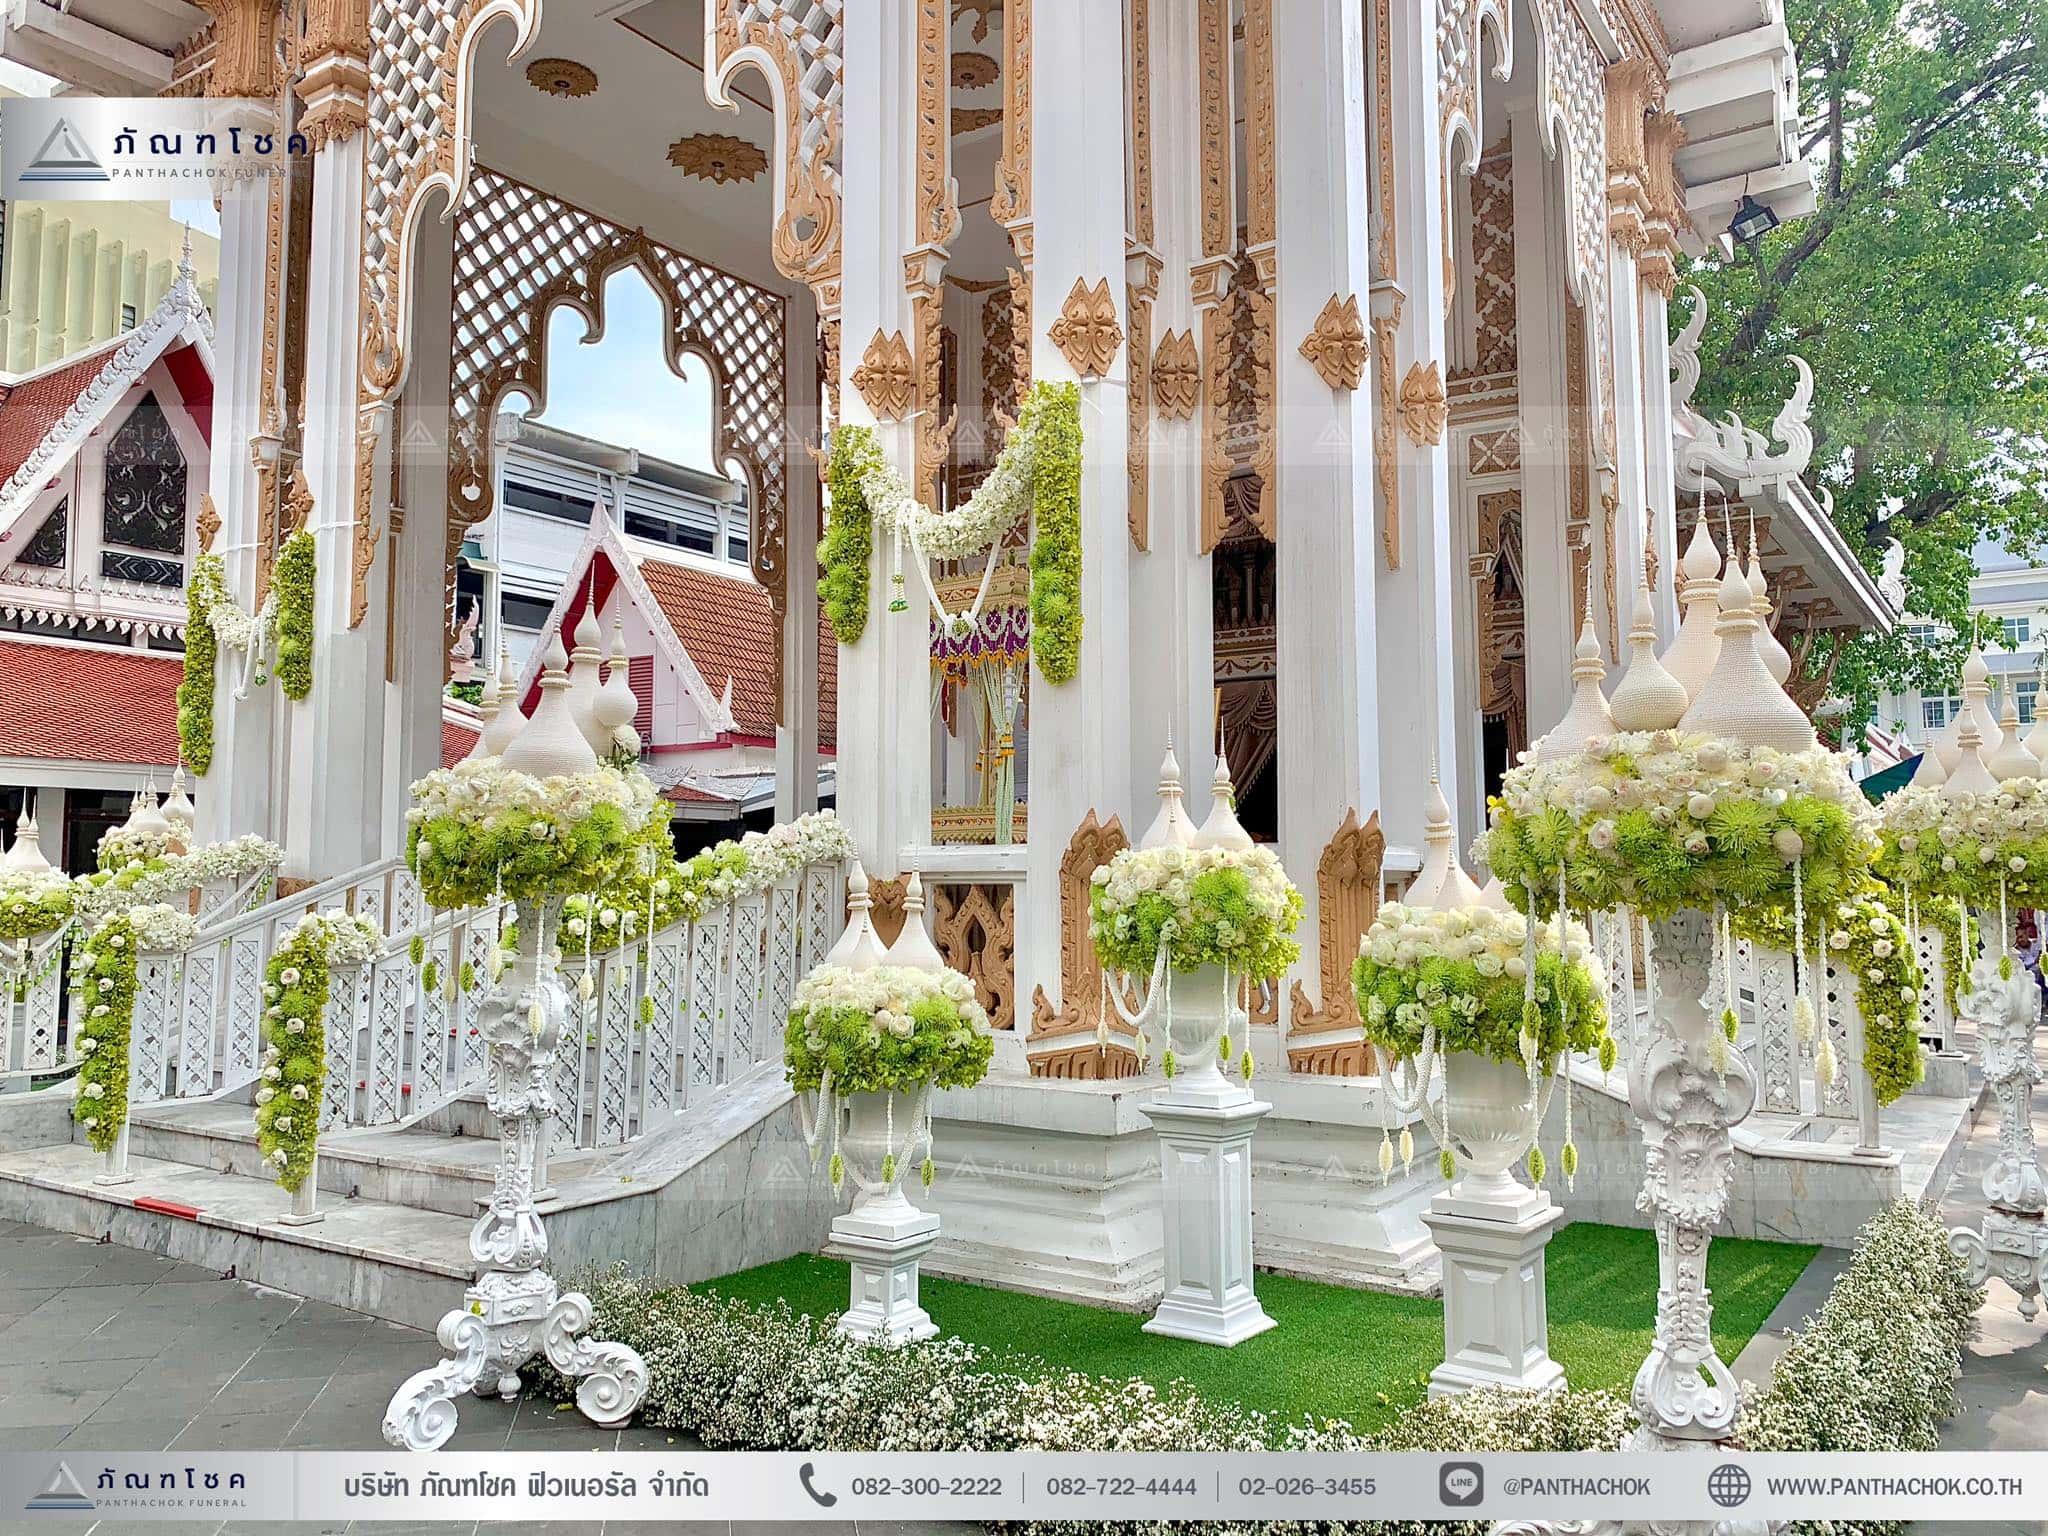 ดอกไม้ประดับเมรุในรูปแบบไทยประยุกต์ ณ วัดมกุฏกษัตริยารามราชวรวิหาร 7